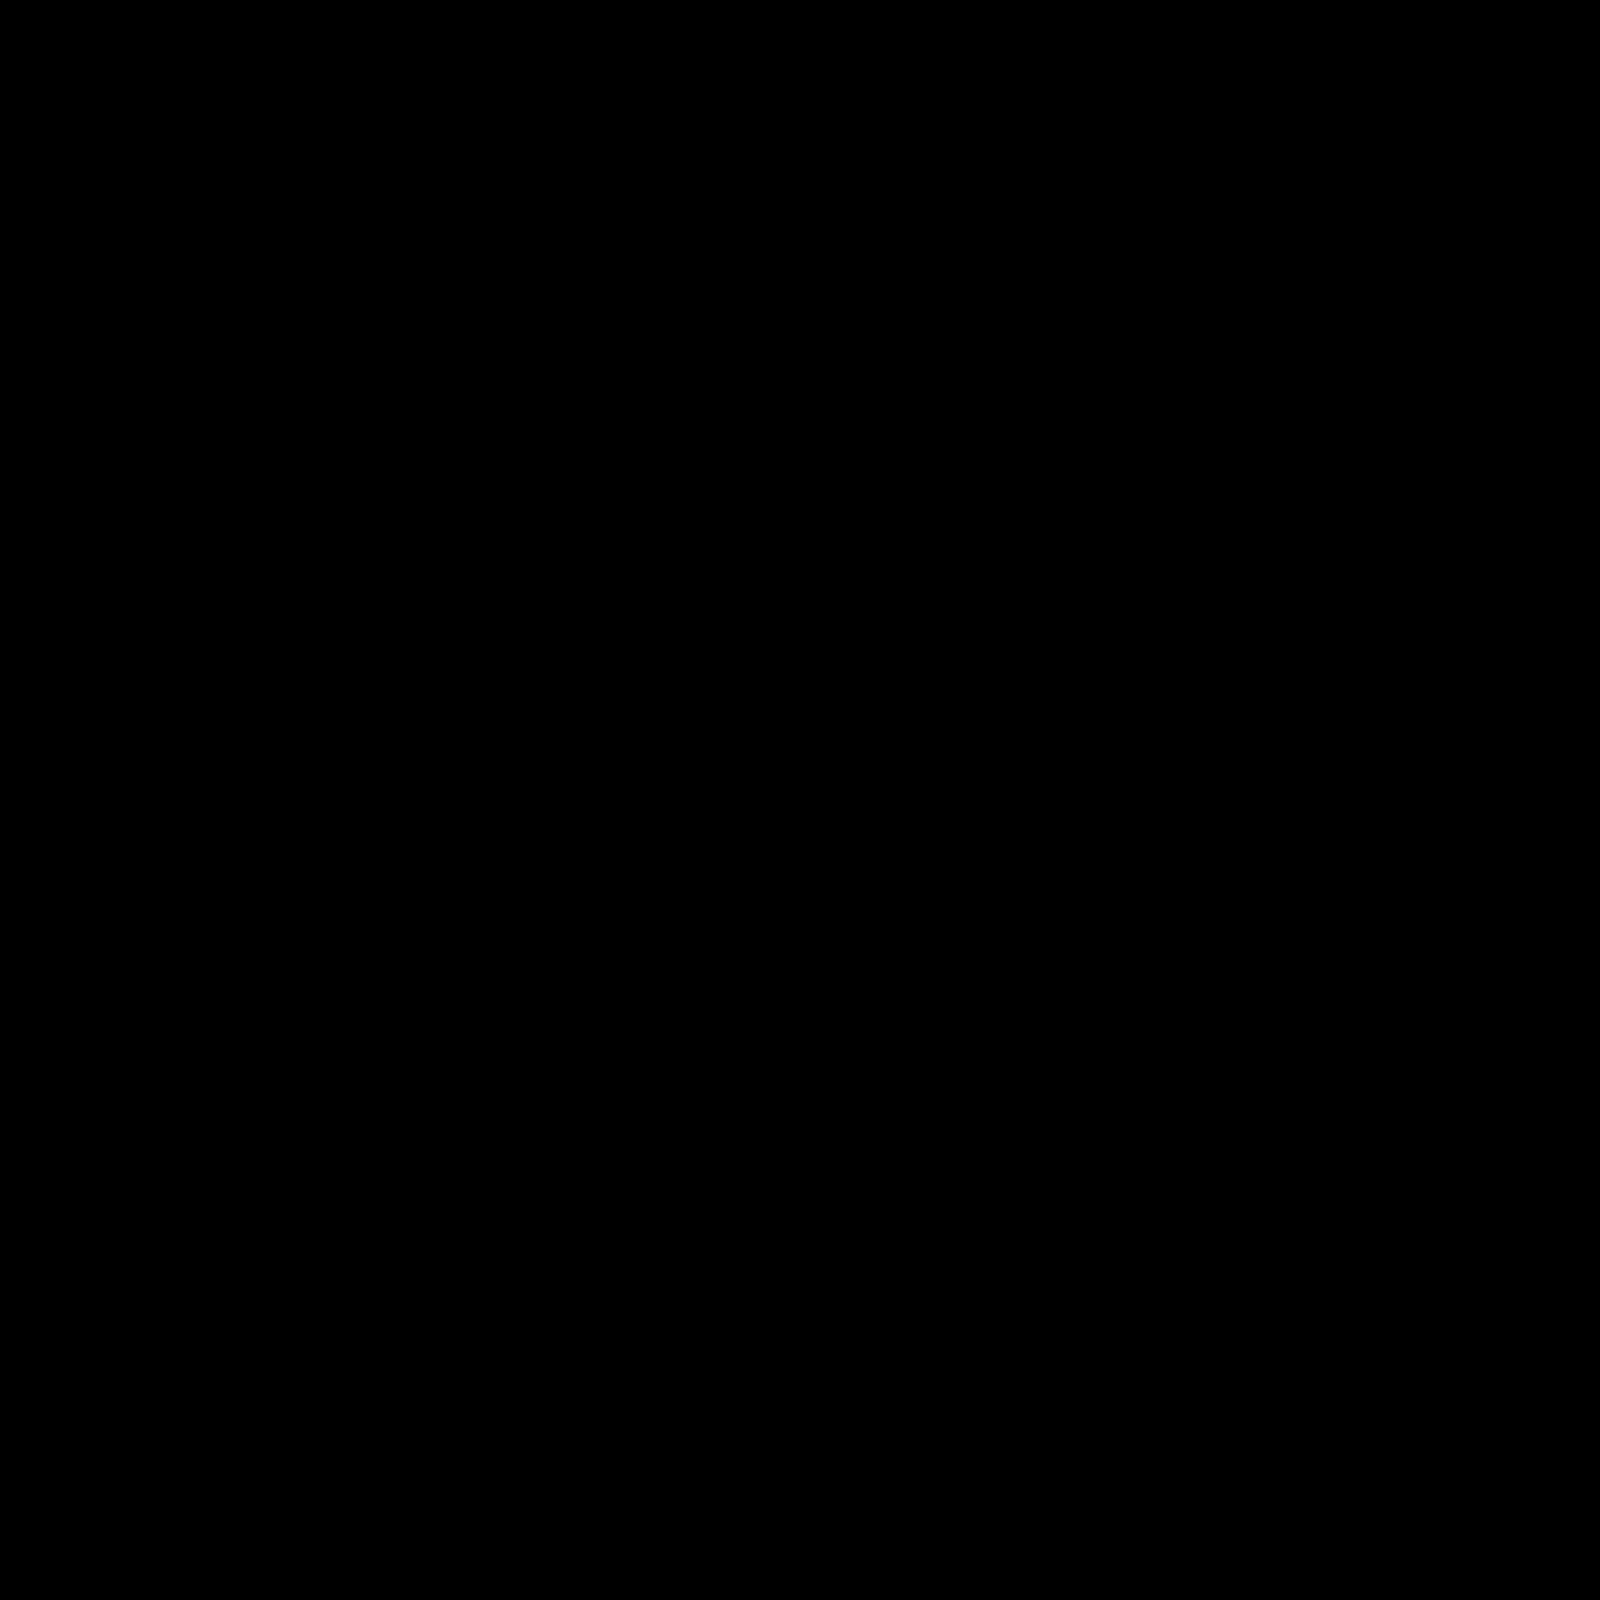 Postawa icon